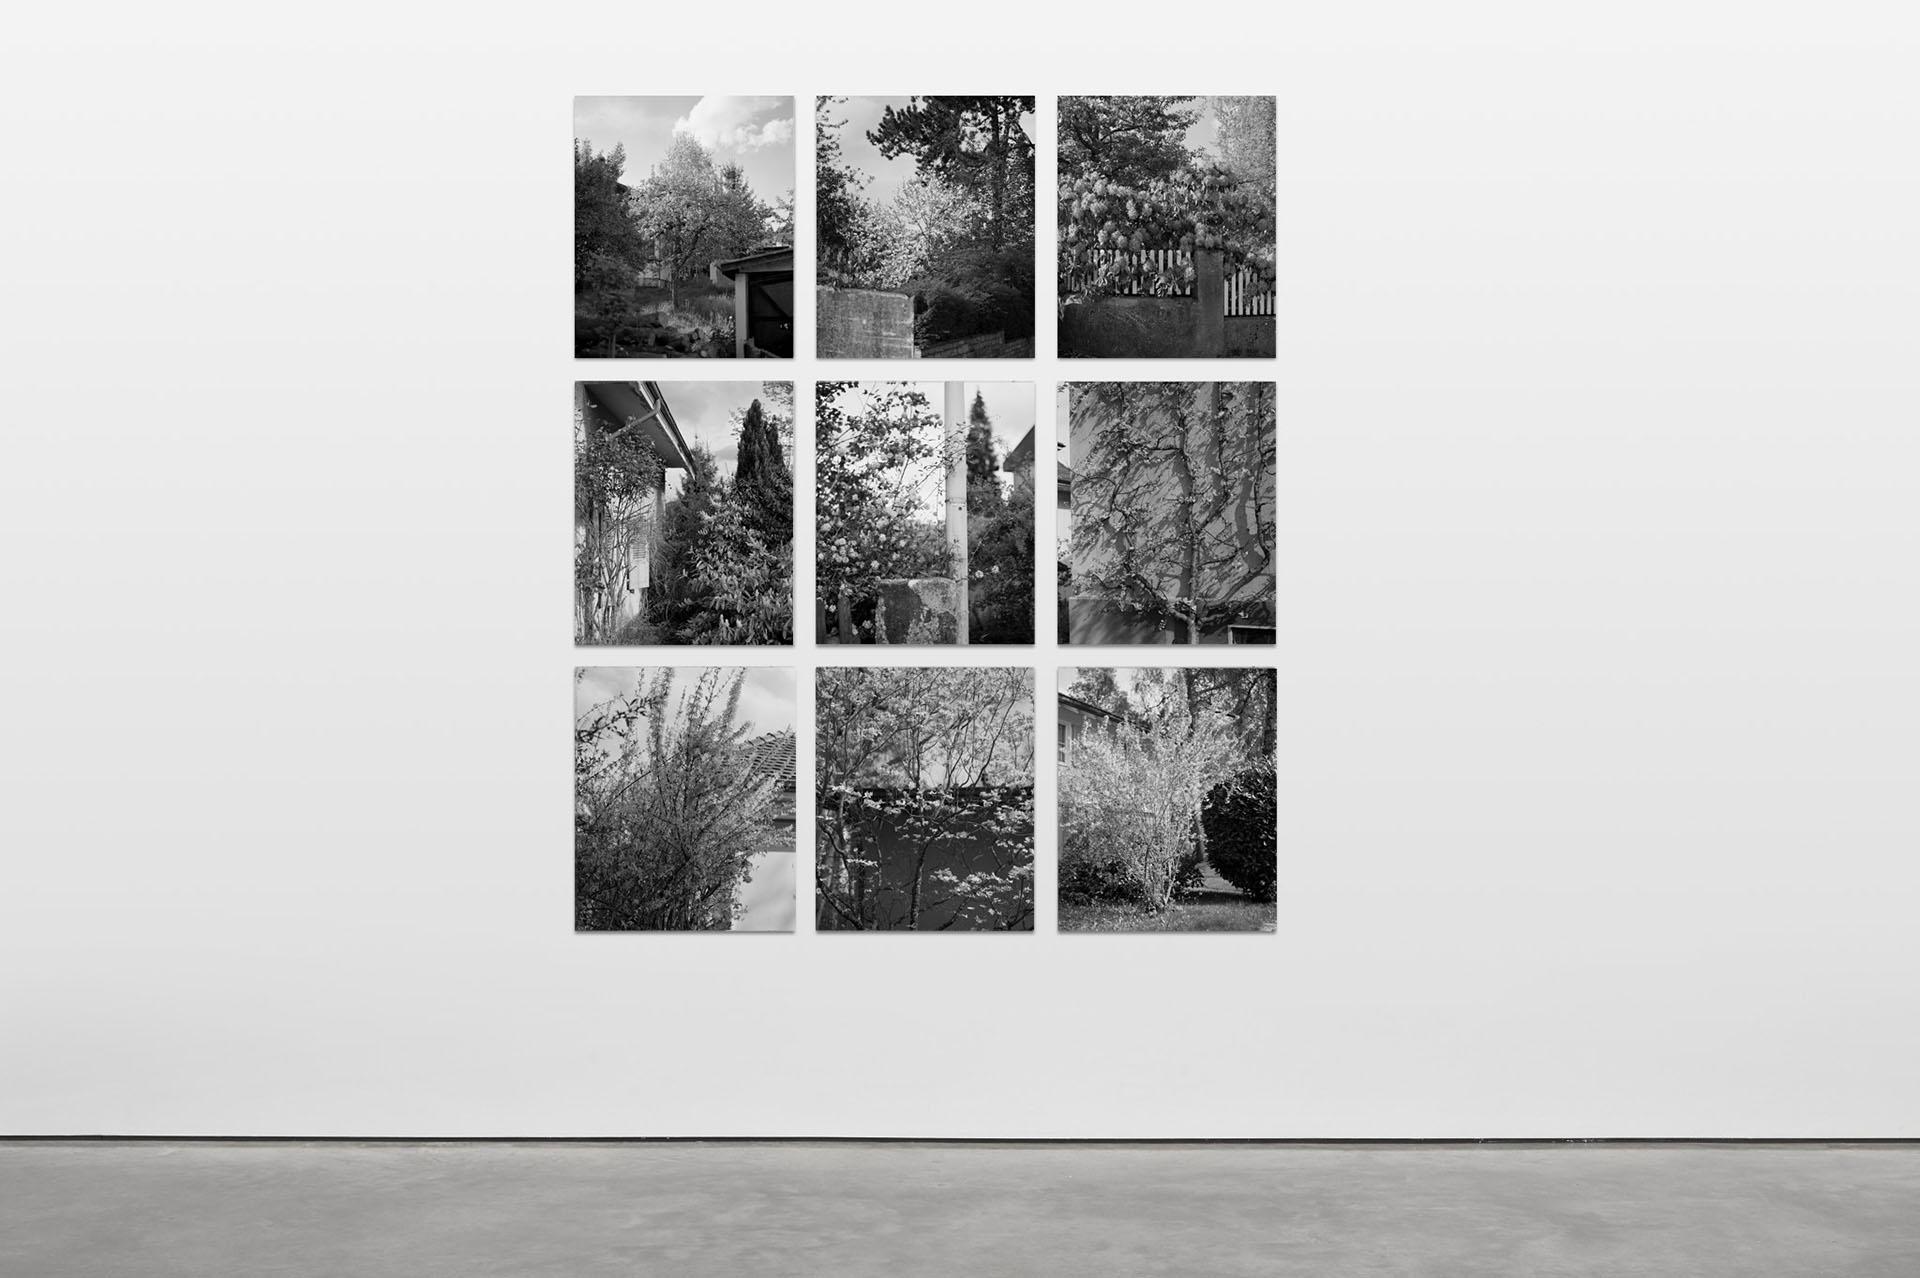 Serie Gartenstadt | Kornhausforum Bern | Fotopreis der Kunstkommission Bern | 2013